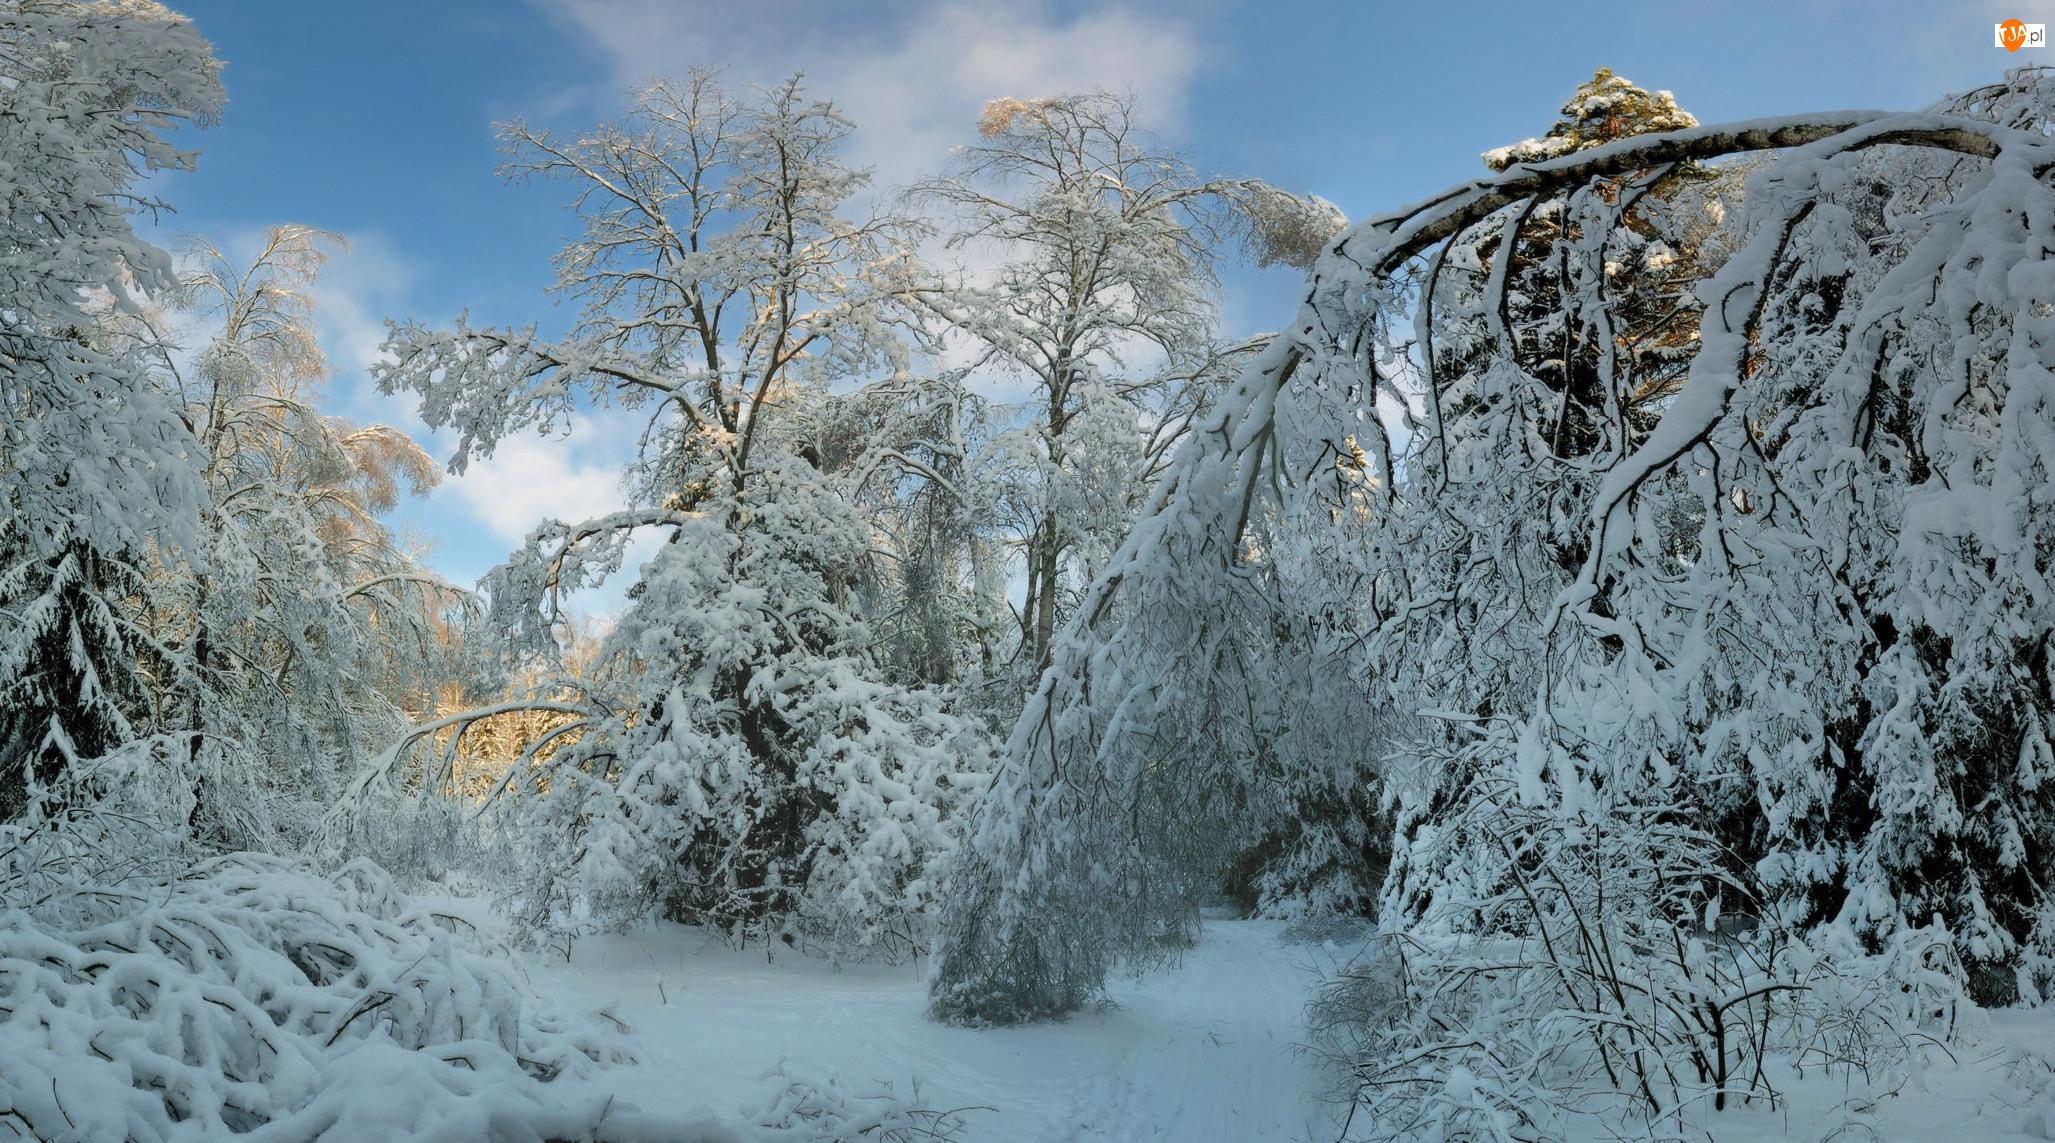 Ośnieżone, Gałęzie, Śnieg, Zima, Drzewa